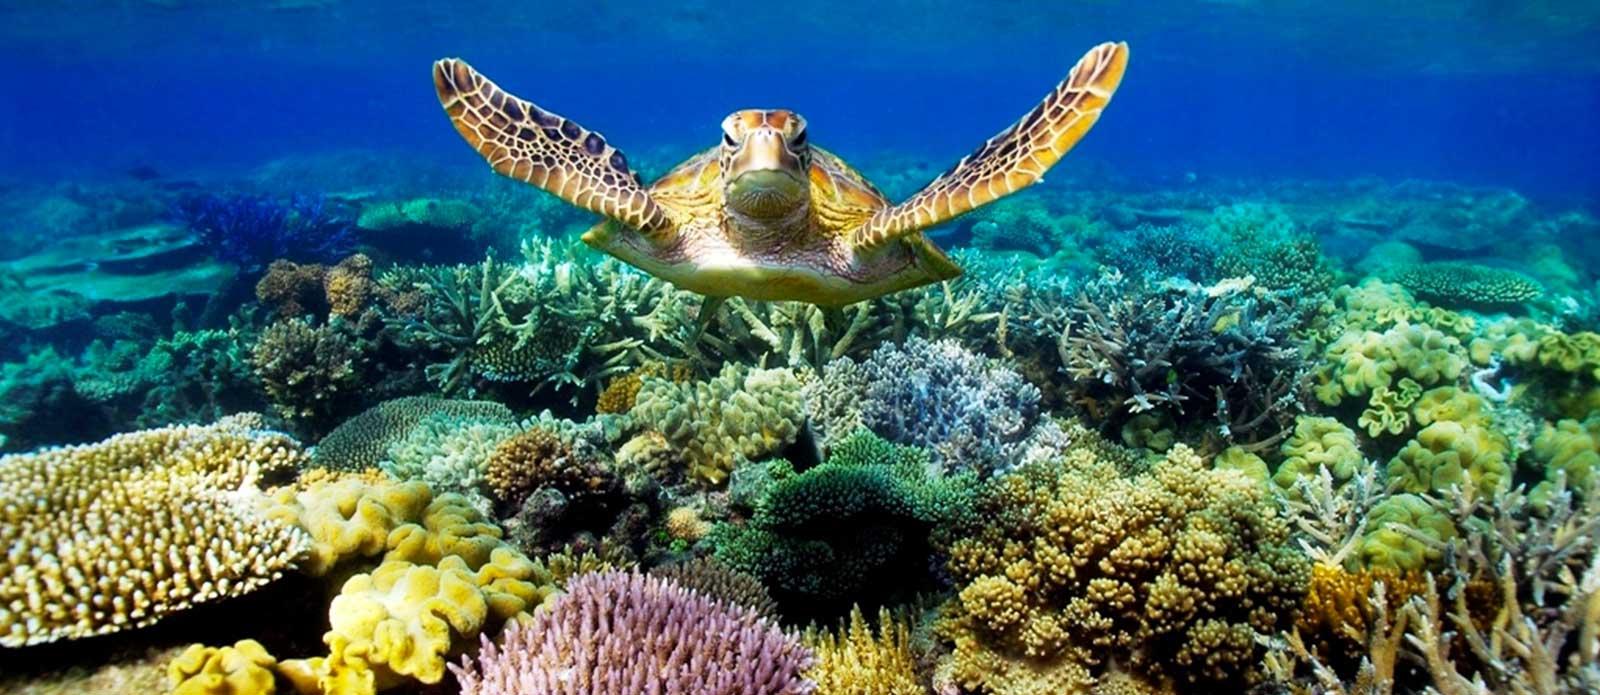 CZ Trattamento Acque - Blog - Gli effetti dell'acidificazione degli oceanisugli animali - Tartaruga che nuota nel mare con barriera corallina e vegetazione